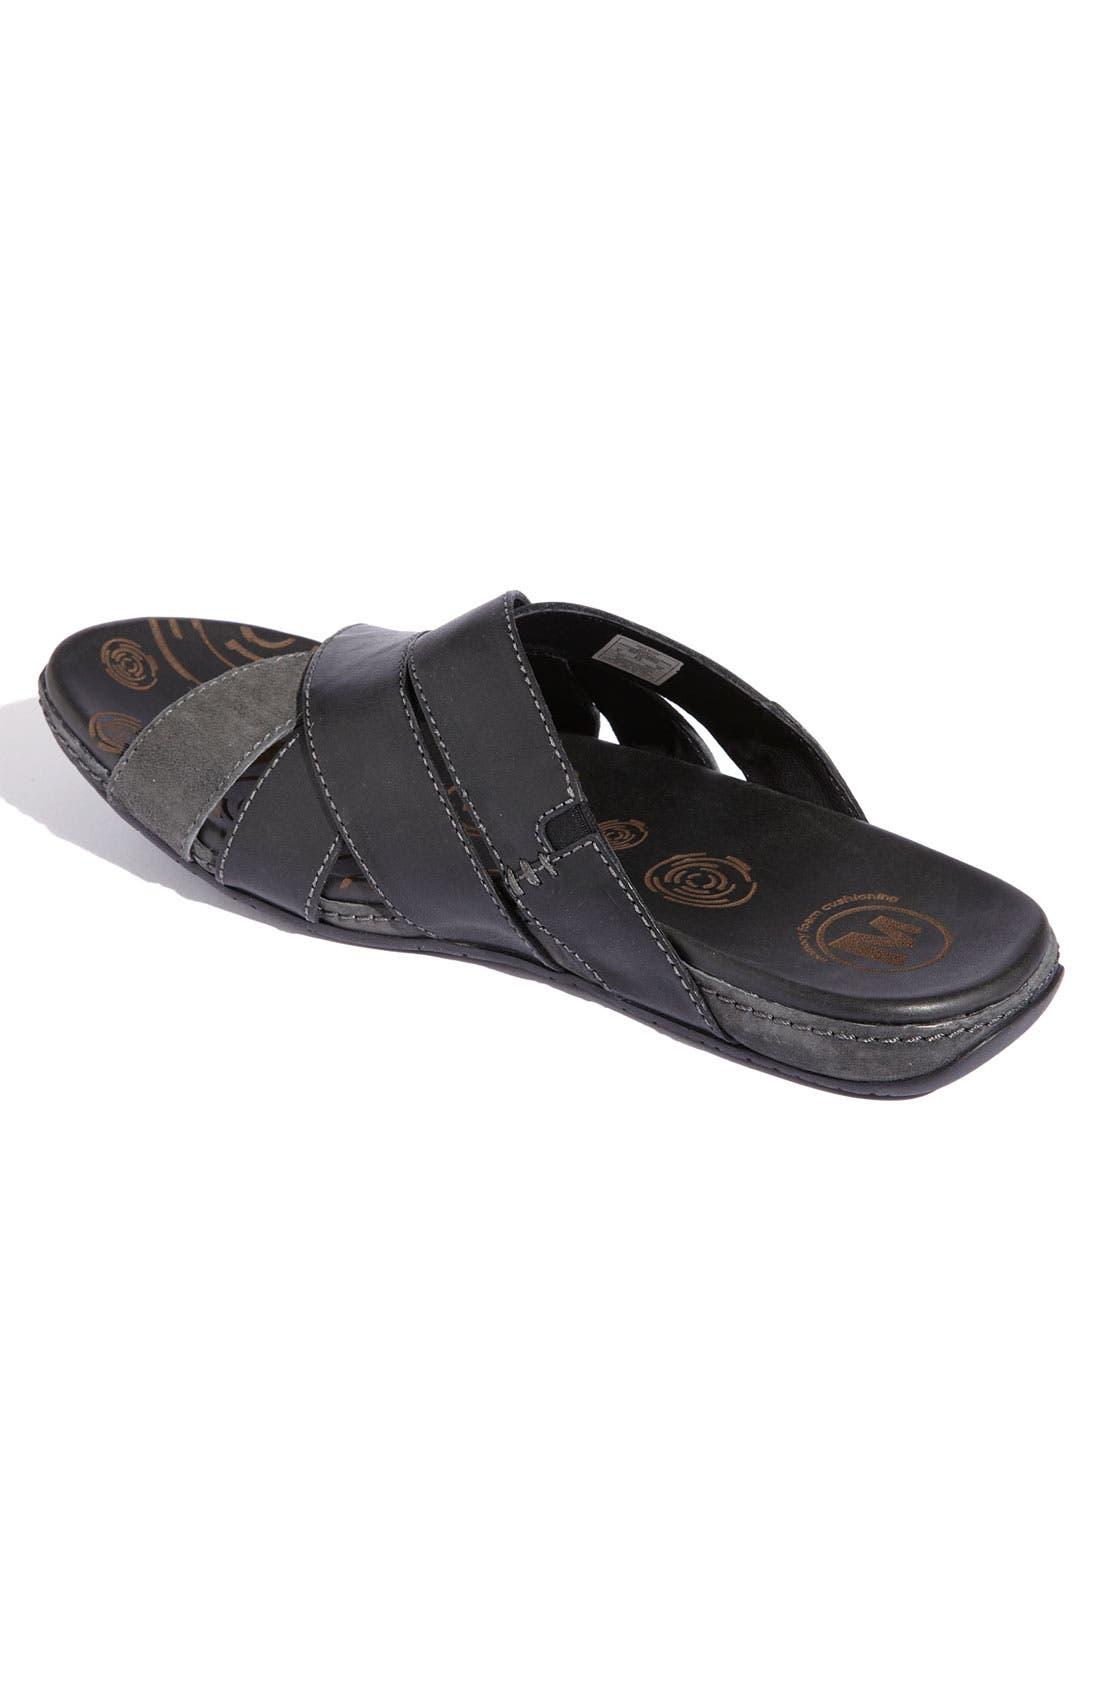 Alternate Image 2  - Merrell 'Arrigo' Sandal